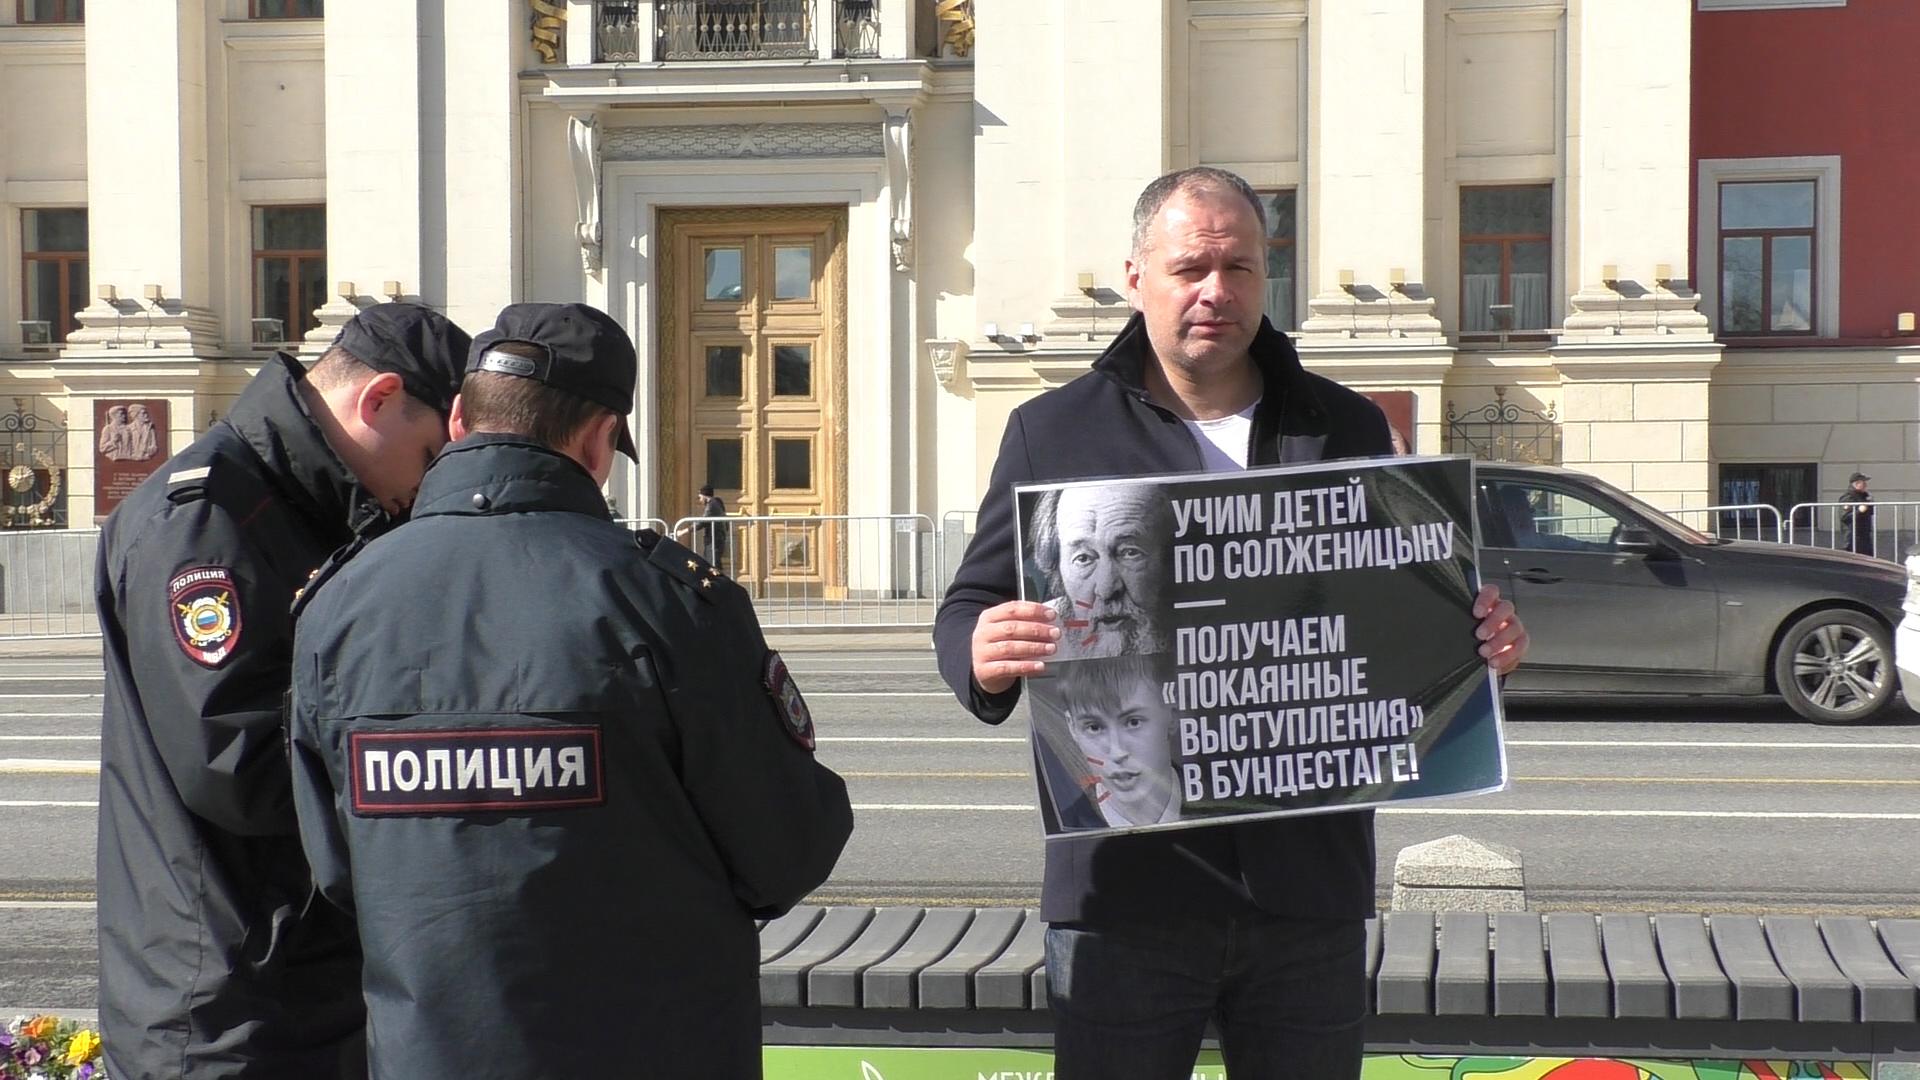 20180427_18-51-В РФ протестуют против государственного празднования 100-летия Солженицына-pic1